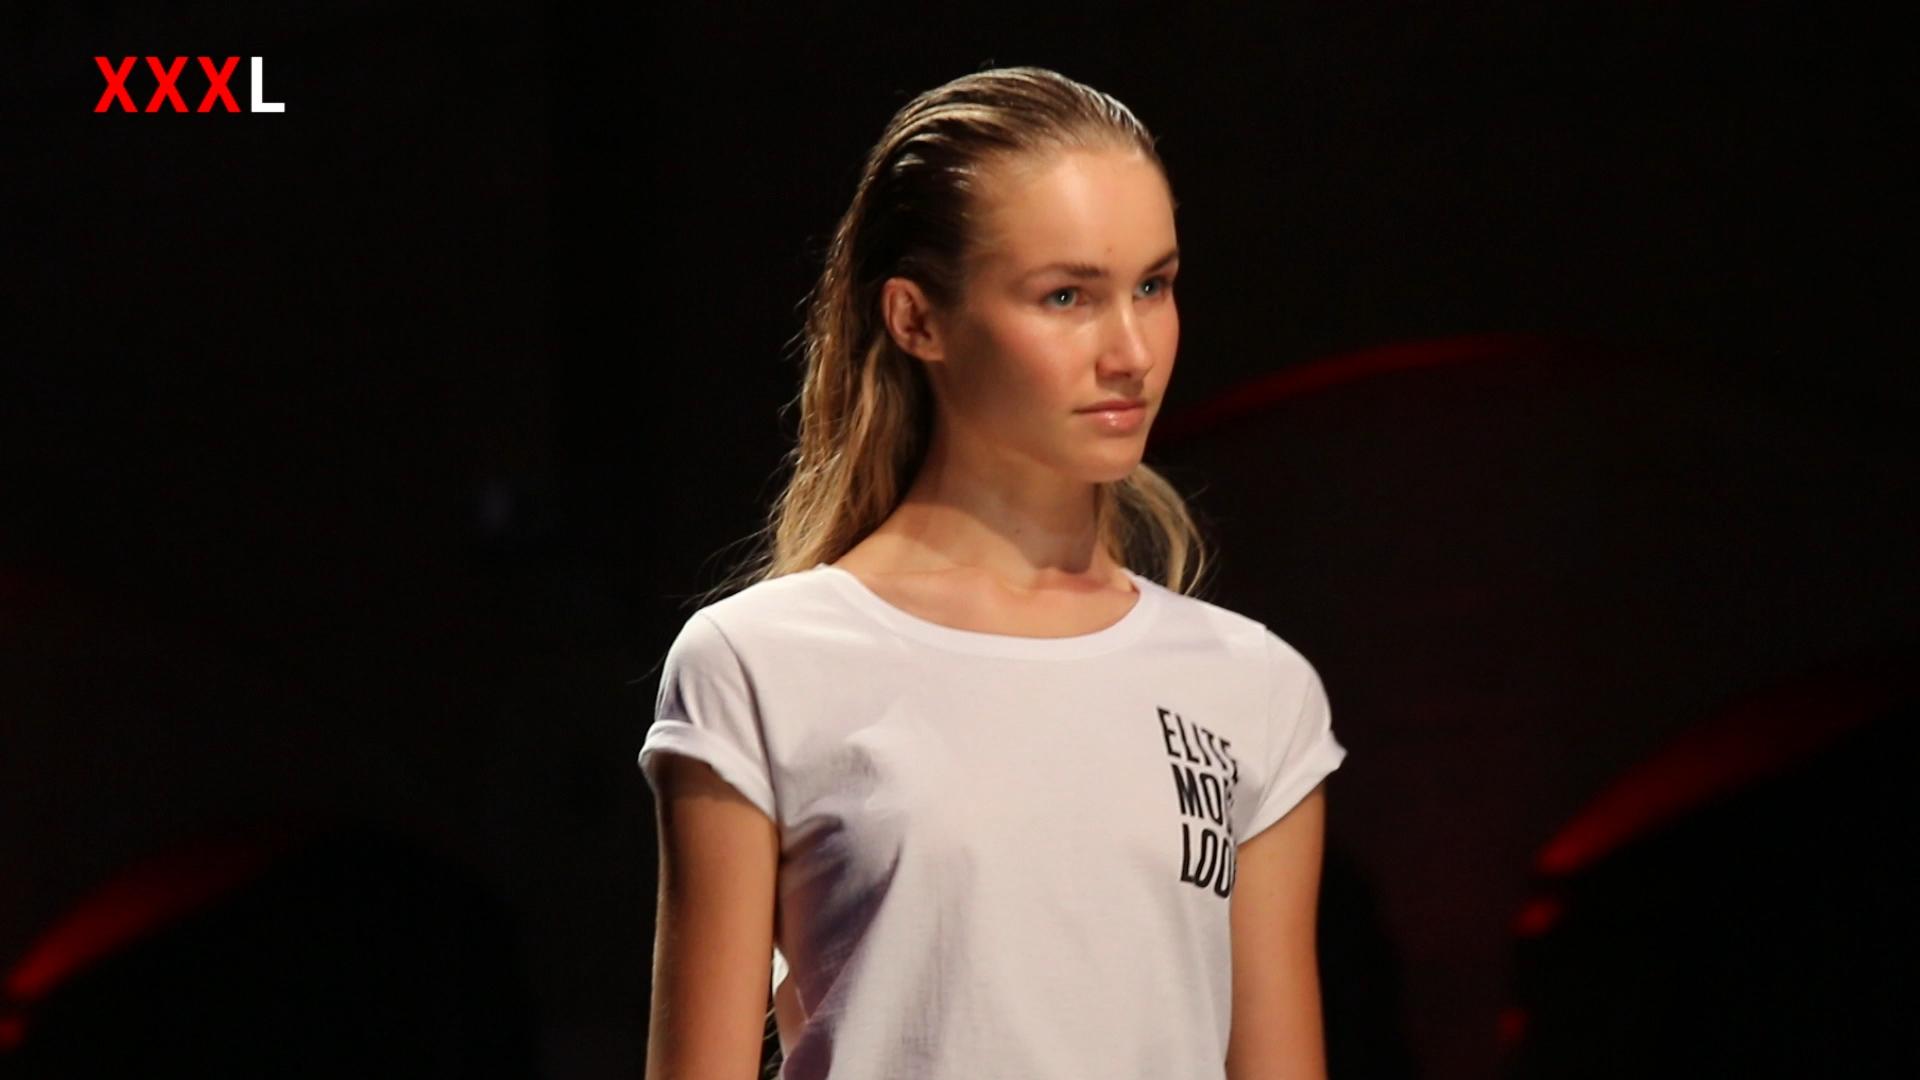 Elite Model Look 2018